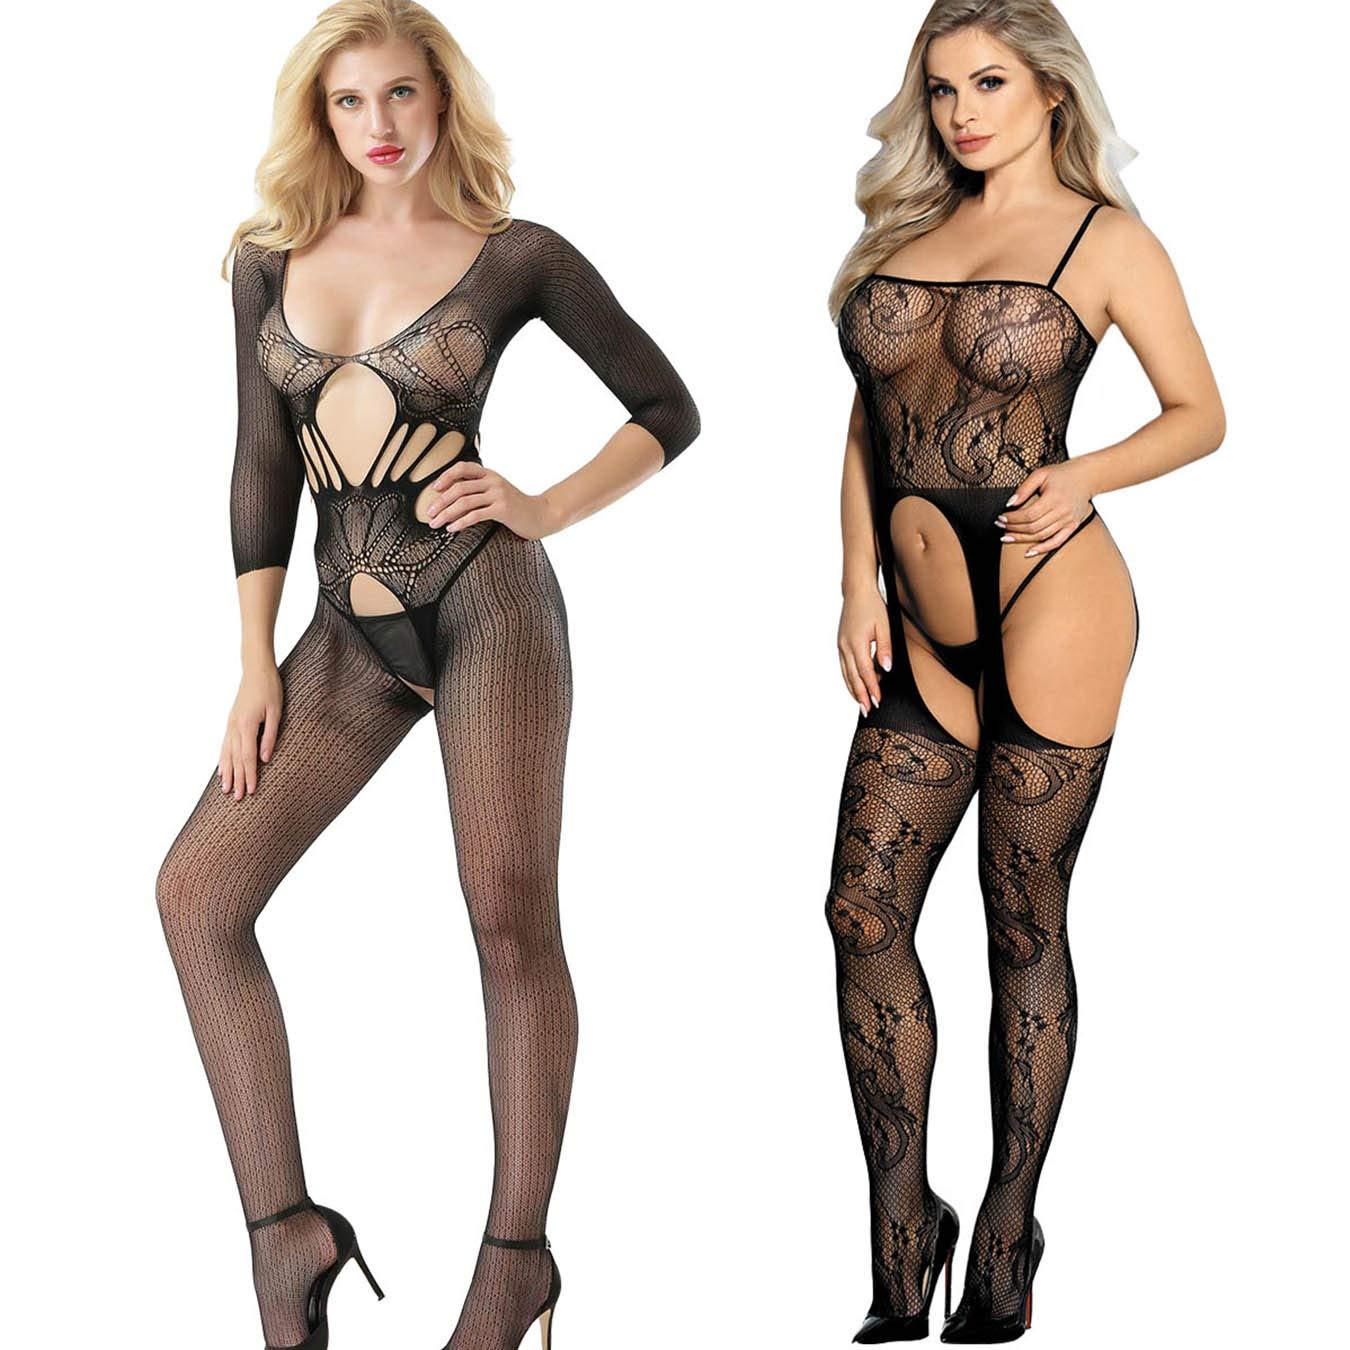 LOVELYBOBO 2-Pack Donna Vestito da Notte, Cavallo Aperto Maglia Pesce Netto Calza Corpo Body Lingerie Camicia da Notte Nero